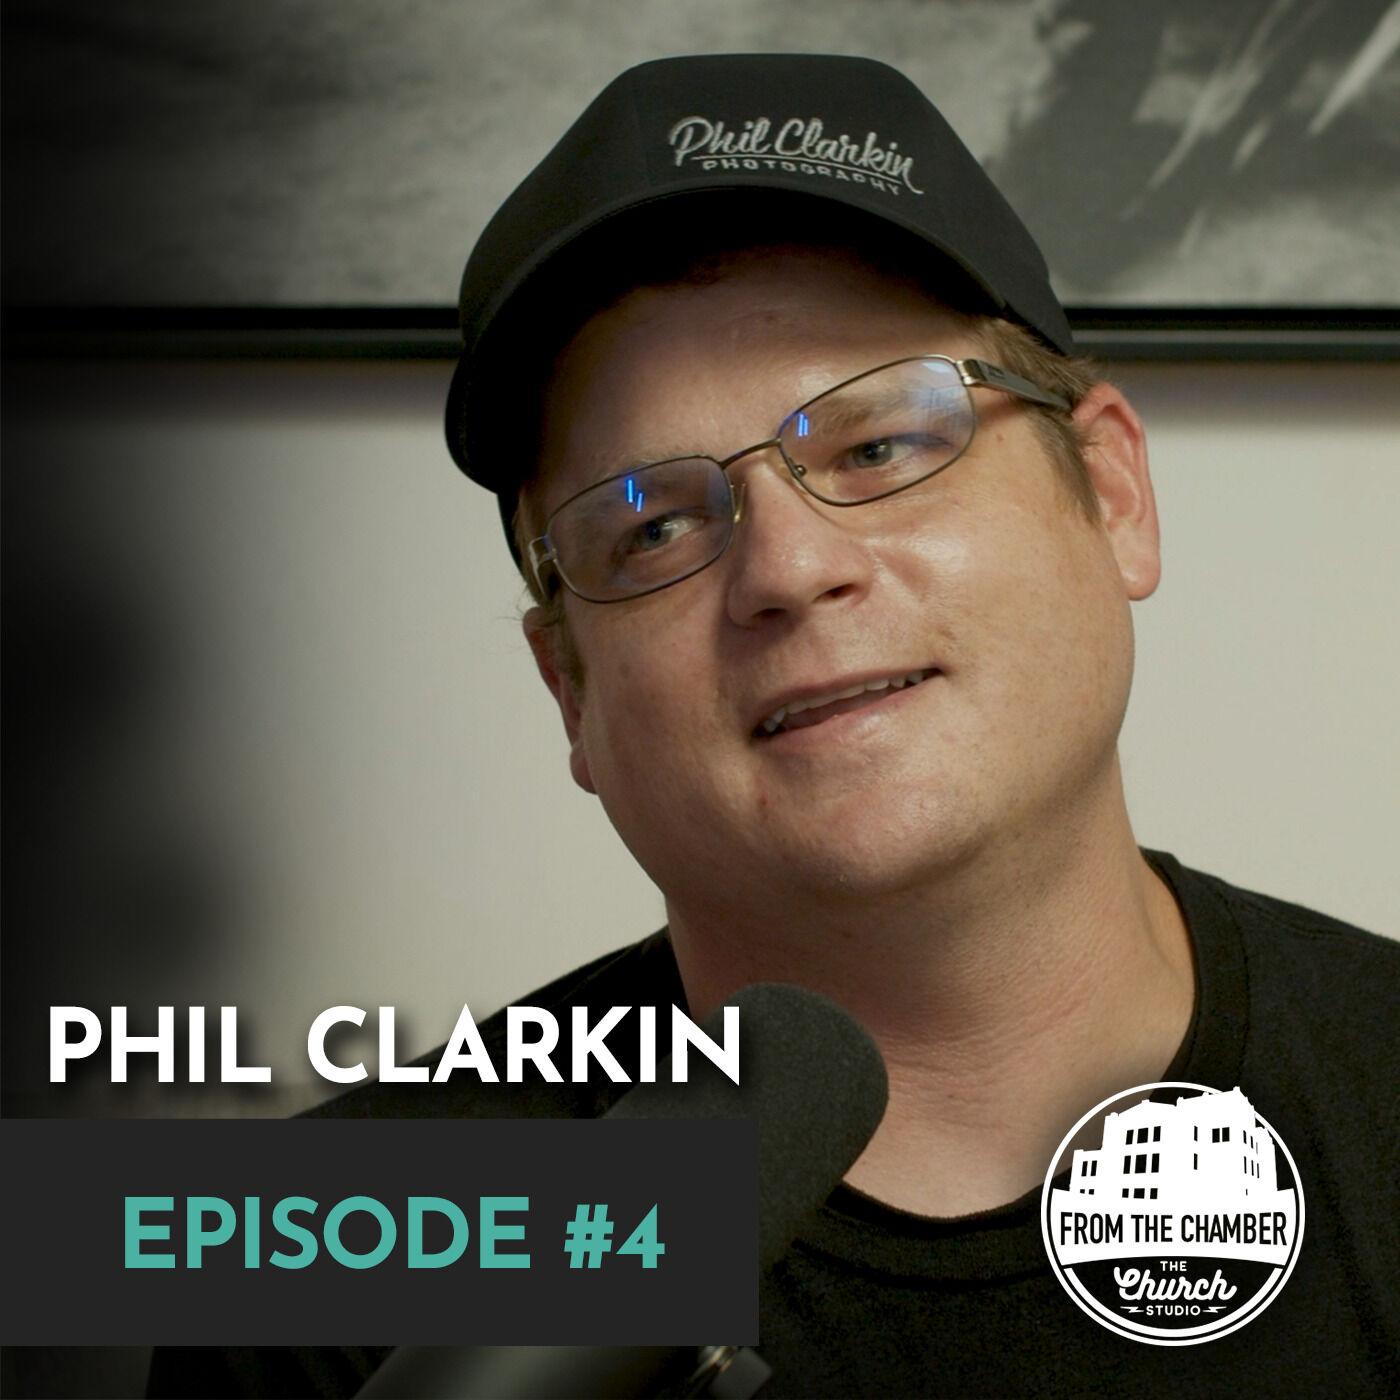 EPISODE 4 - PHIL CLARKIN